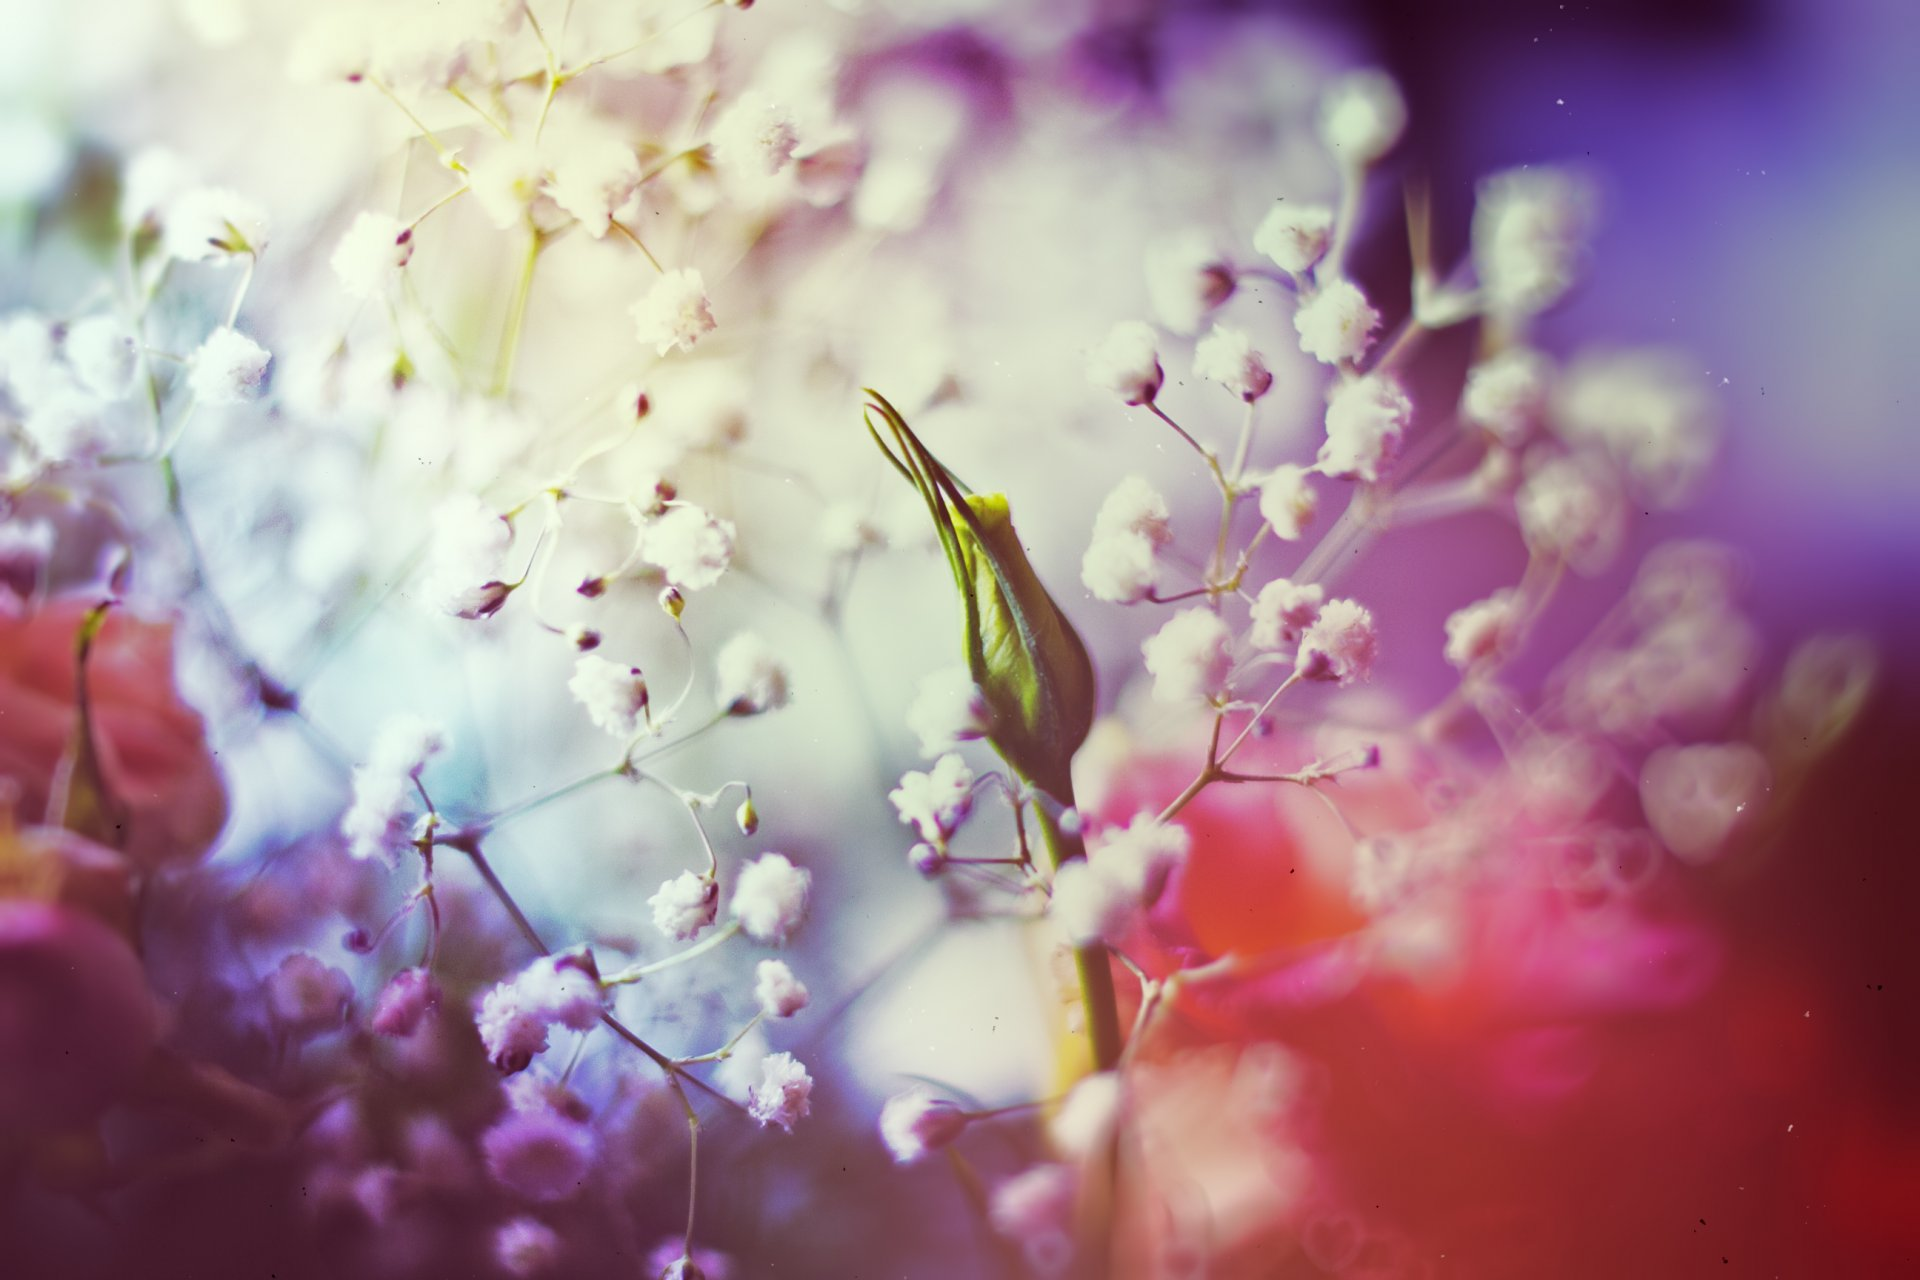 парках картинки цветы на больших на побольше экран девушке, которая занималась